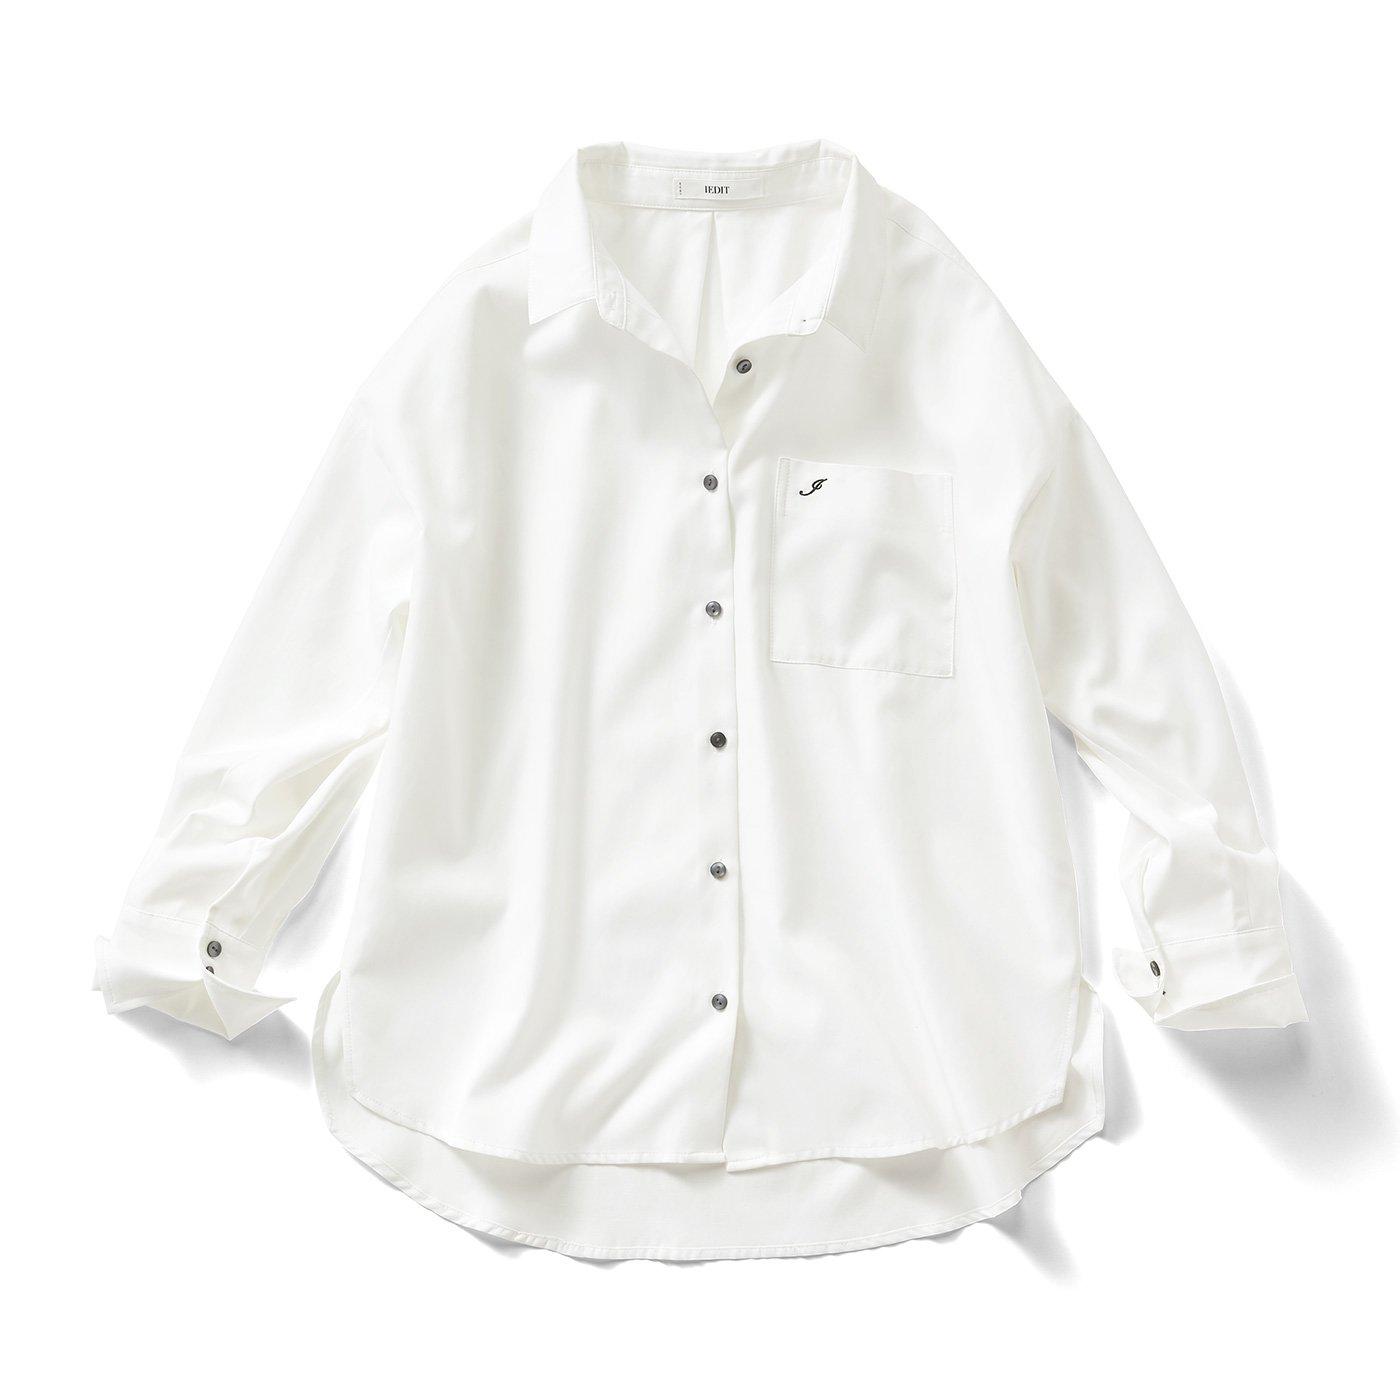 【3~10日でお届け】IEDIT[イディット] クレバー素材のしなやかこだわりシャツ〈オフホワイト〉